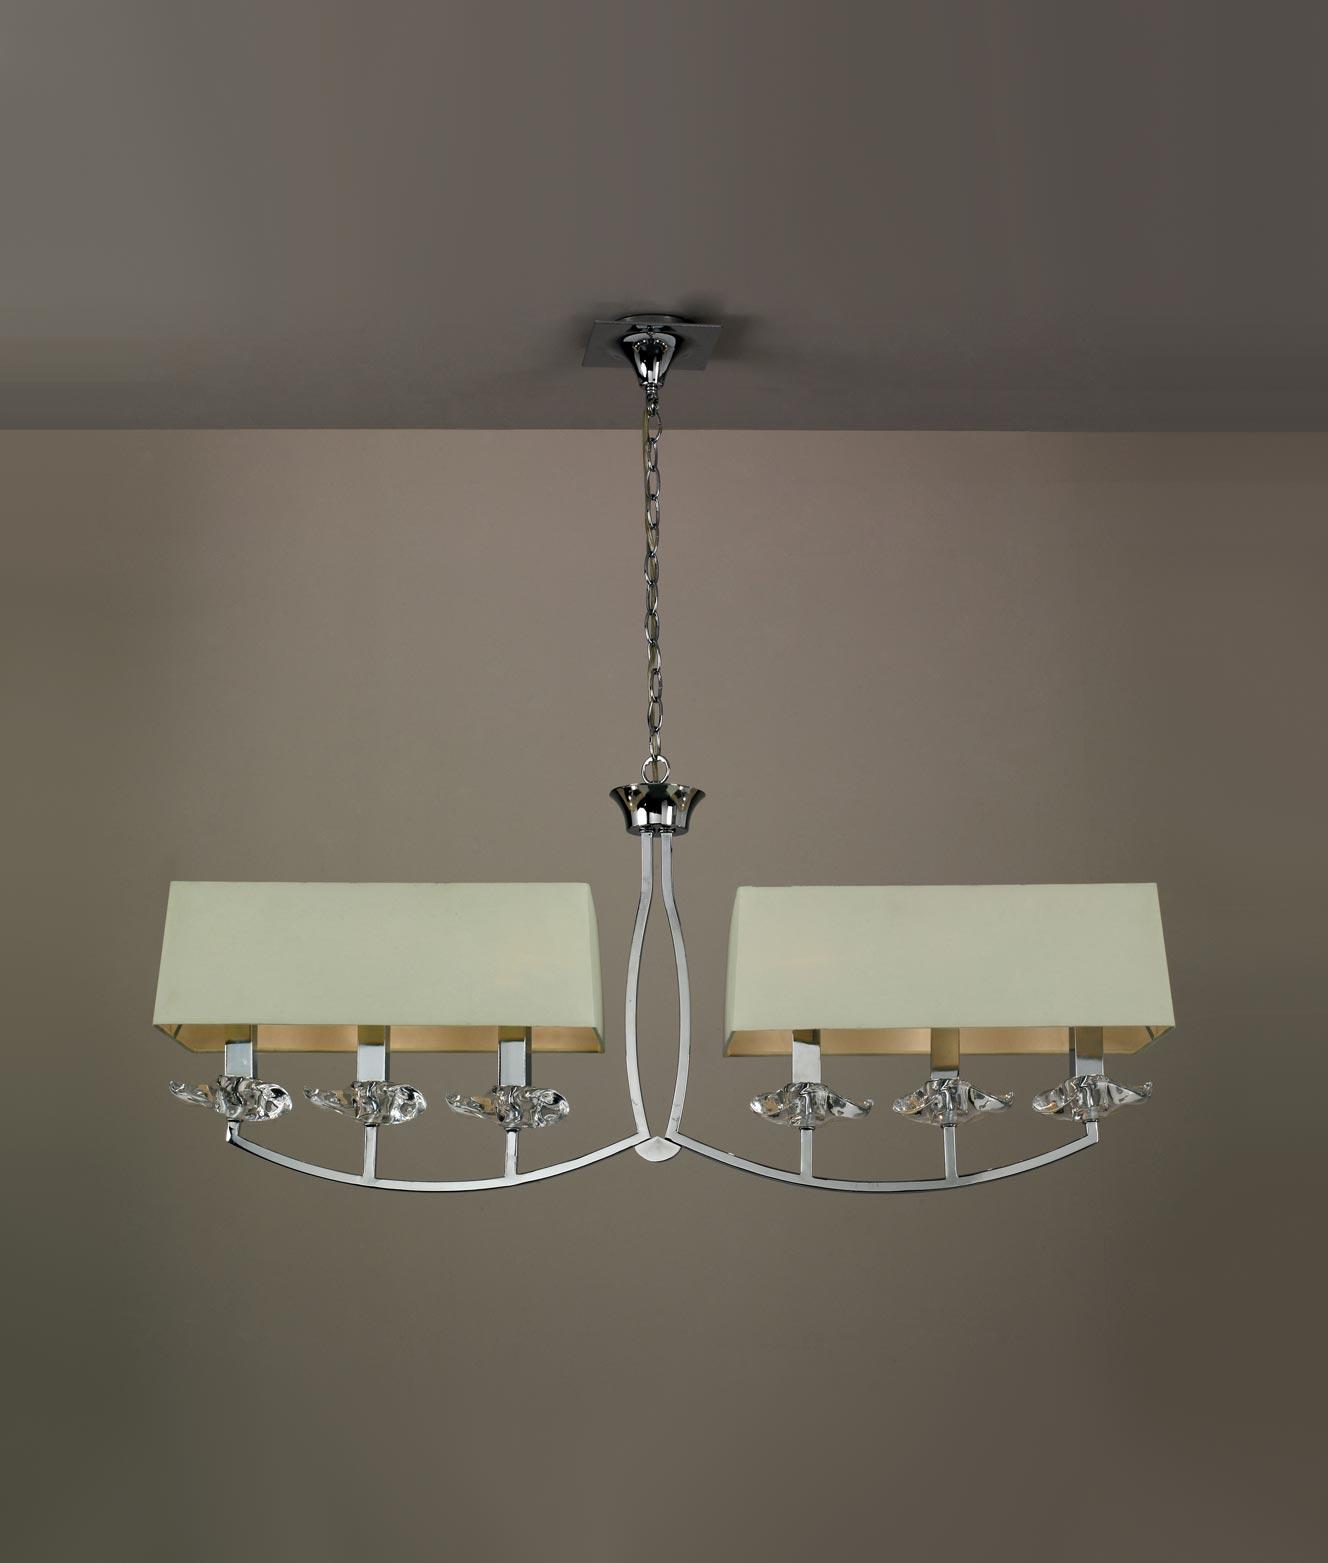 Iluminación techo lineal AKIRA detalle